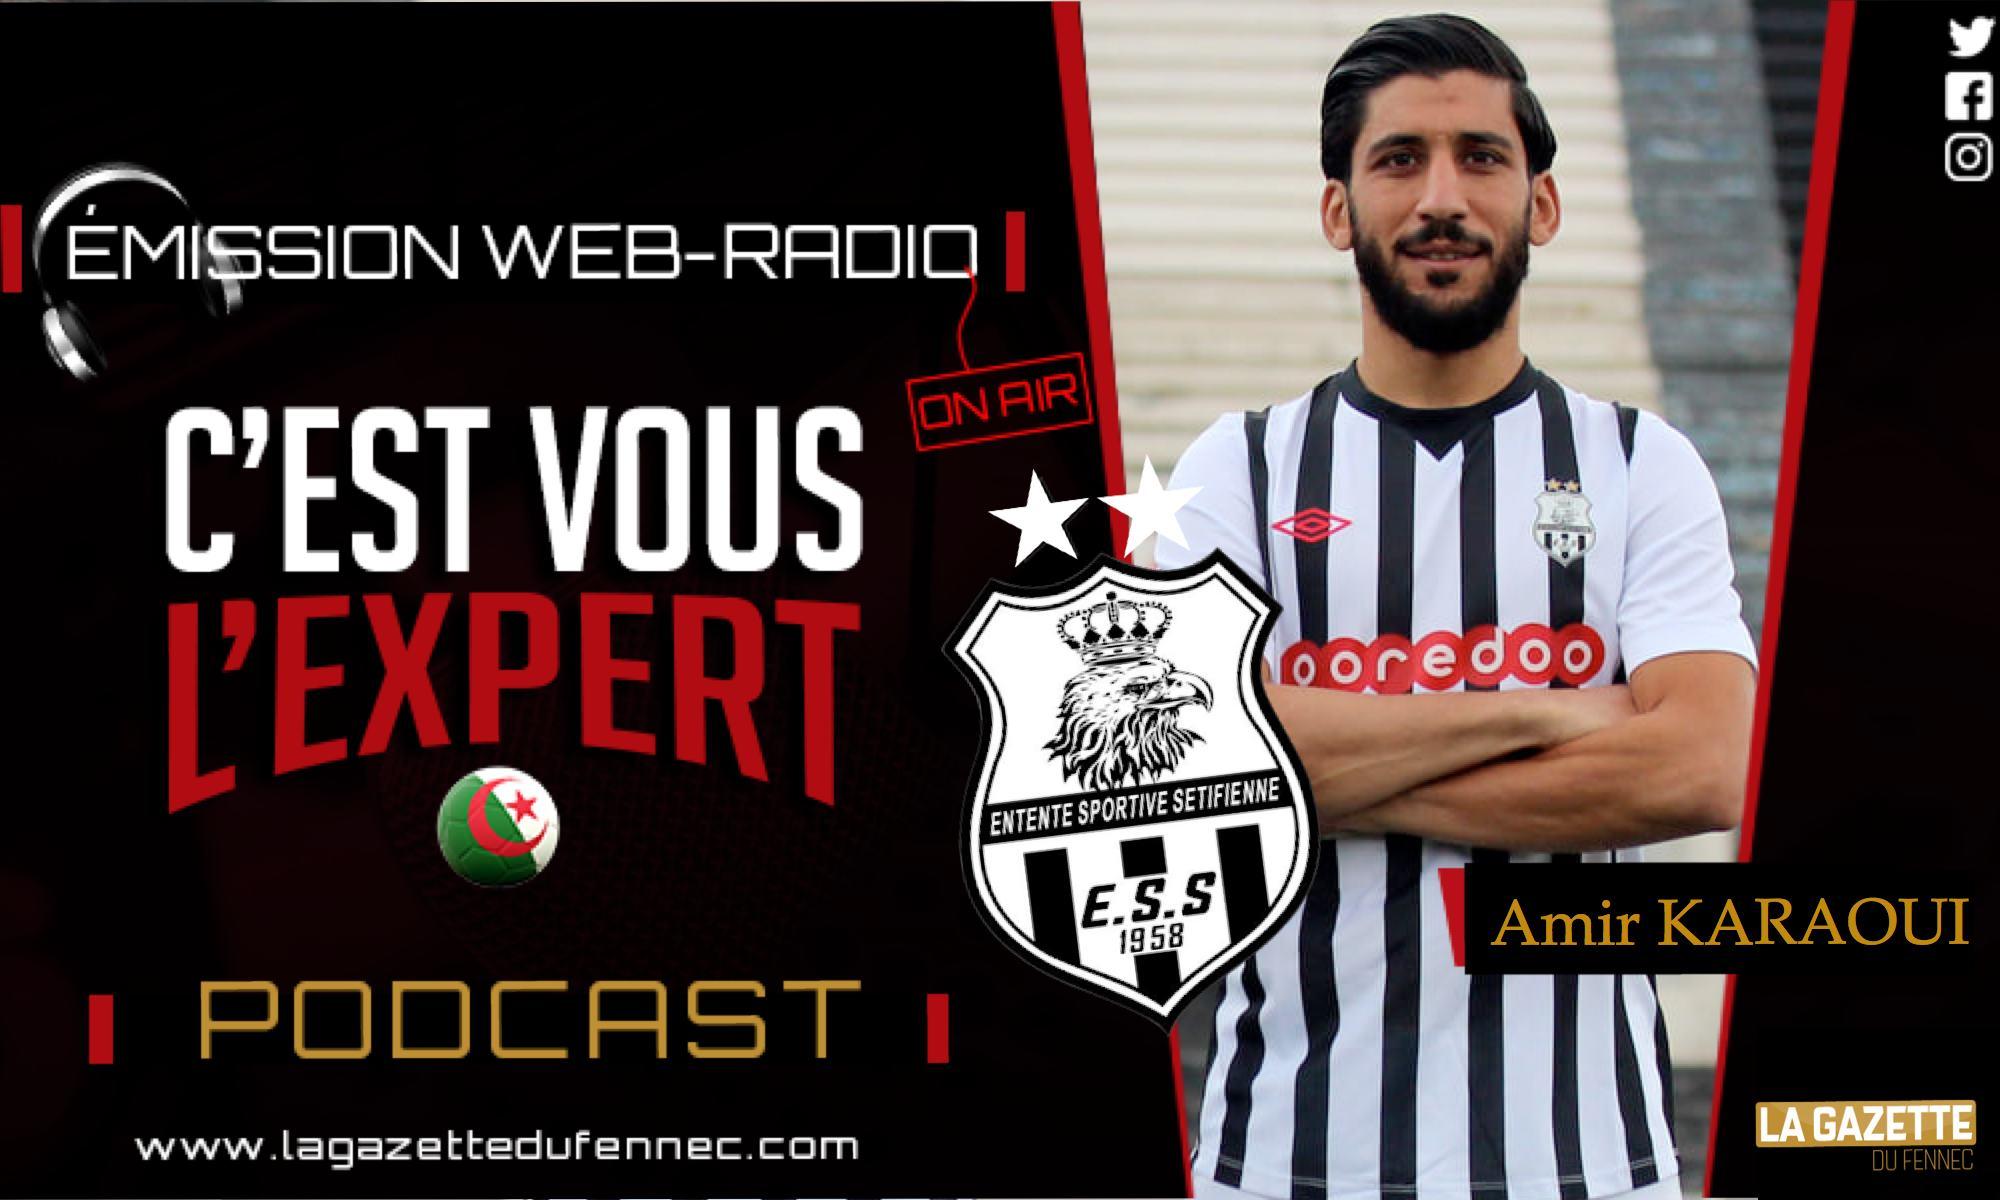 karaoui amir expert podcast